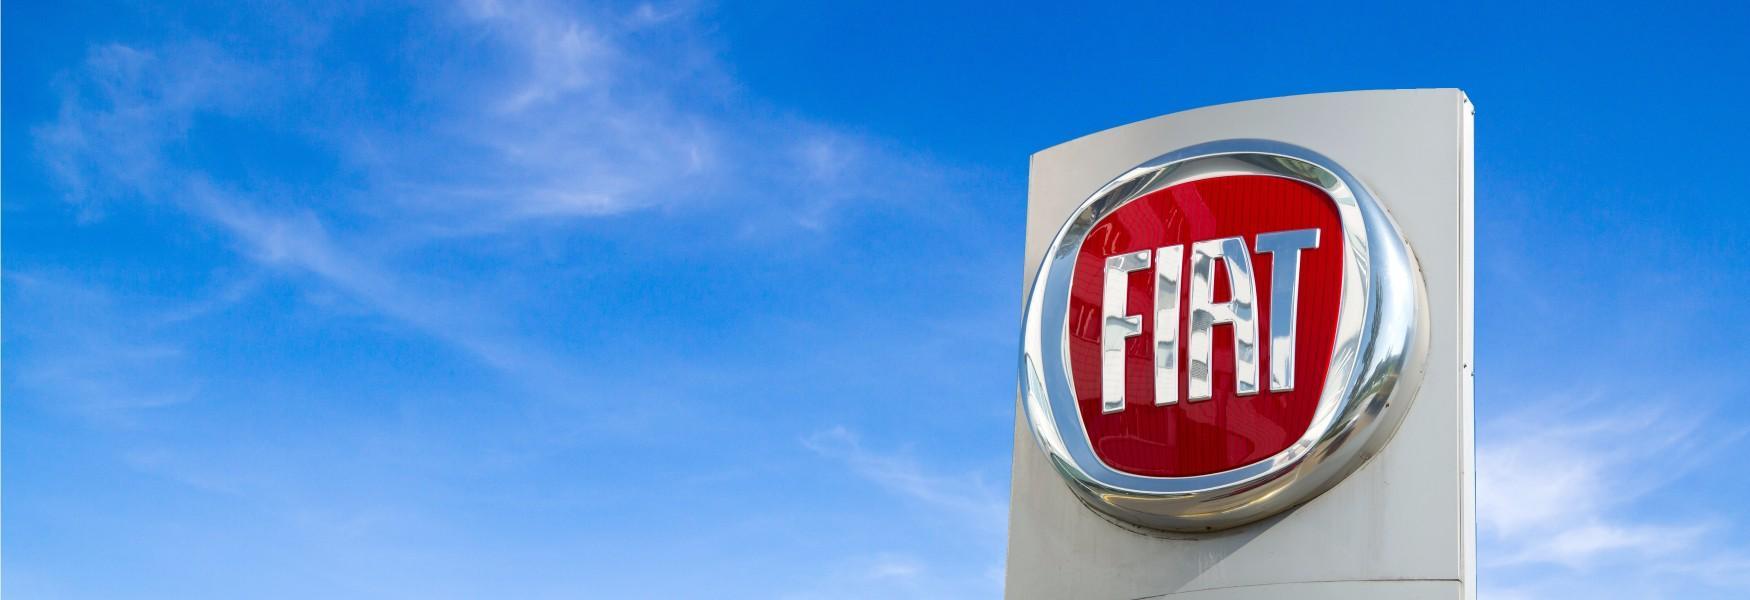 Hersteller Neuwagen Fiat